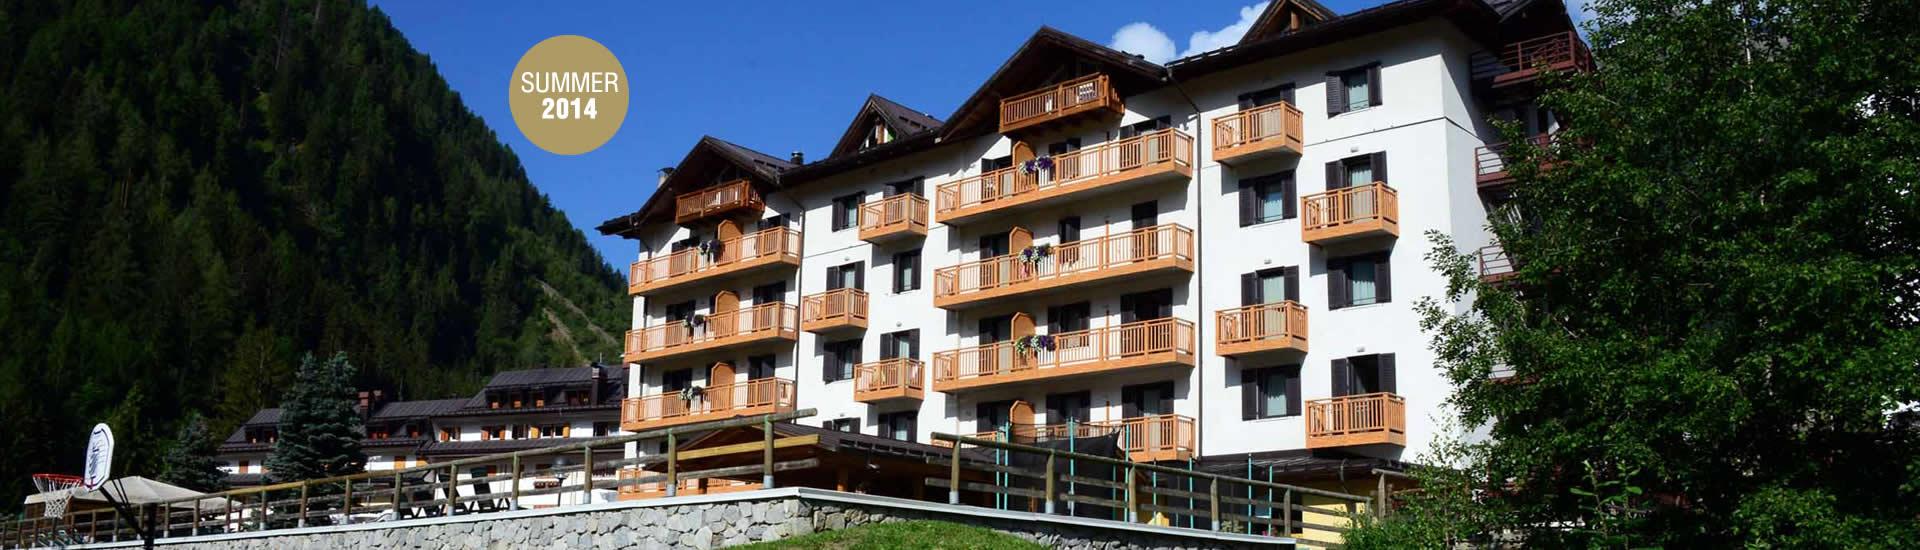 Hotel Cristallo val di pejo estate